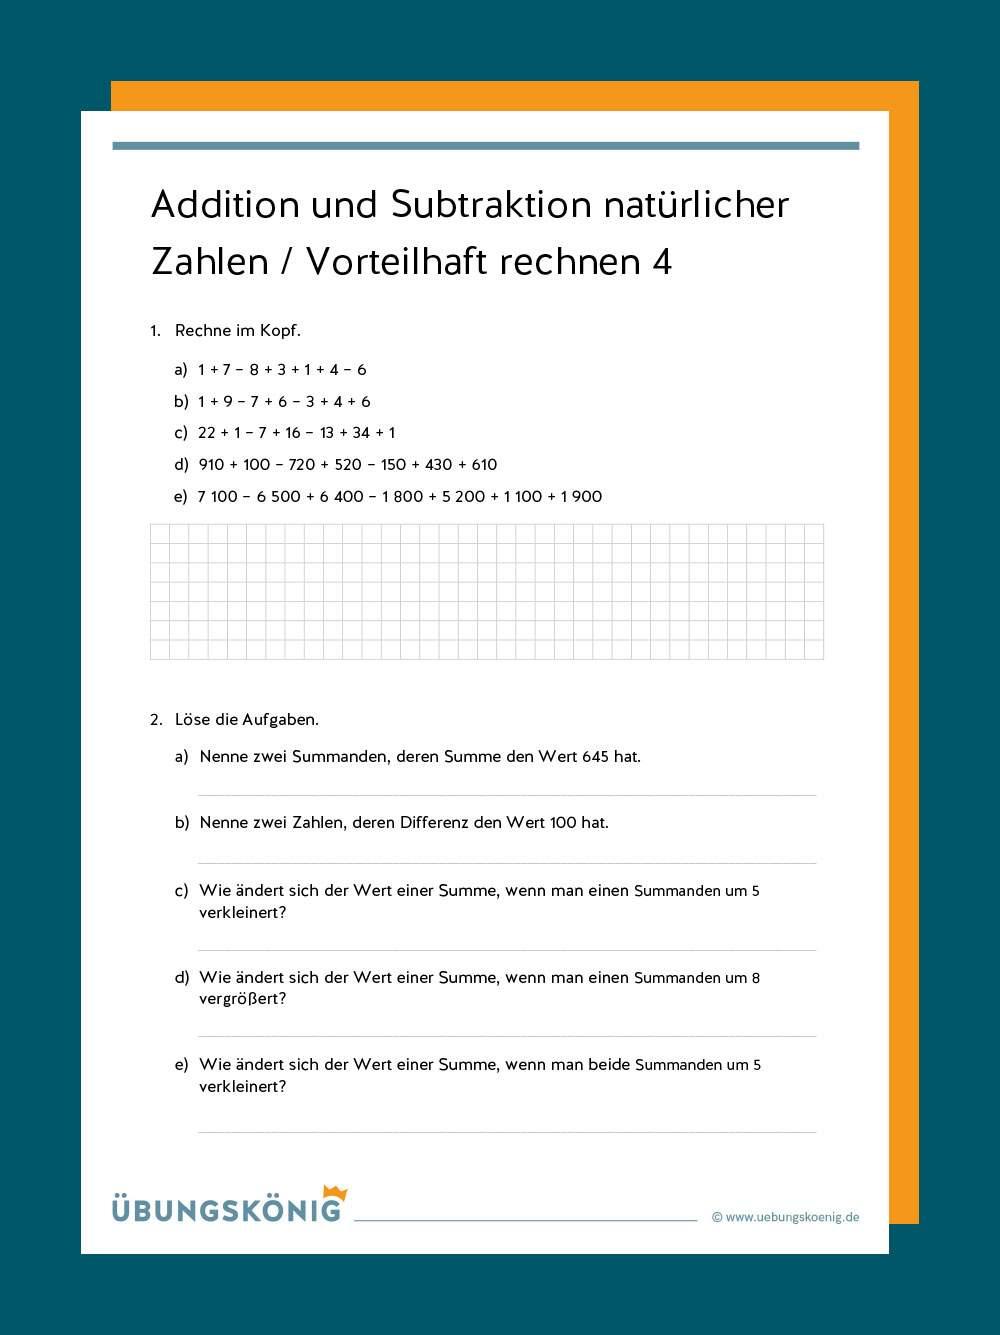 Addition und Subtraktion natürlicher Zahlen